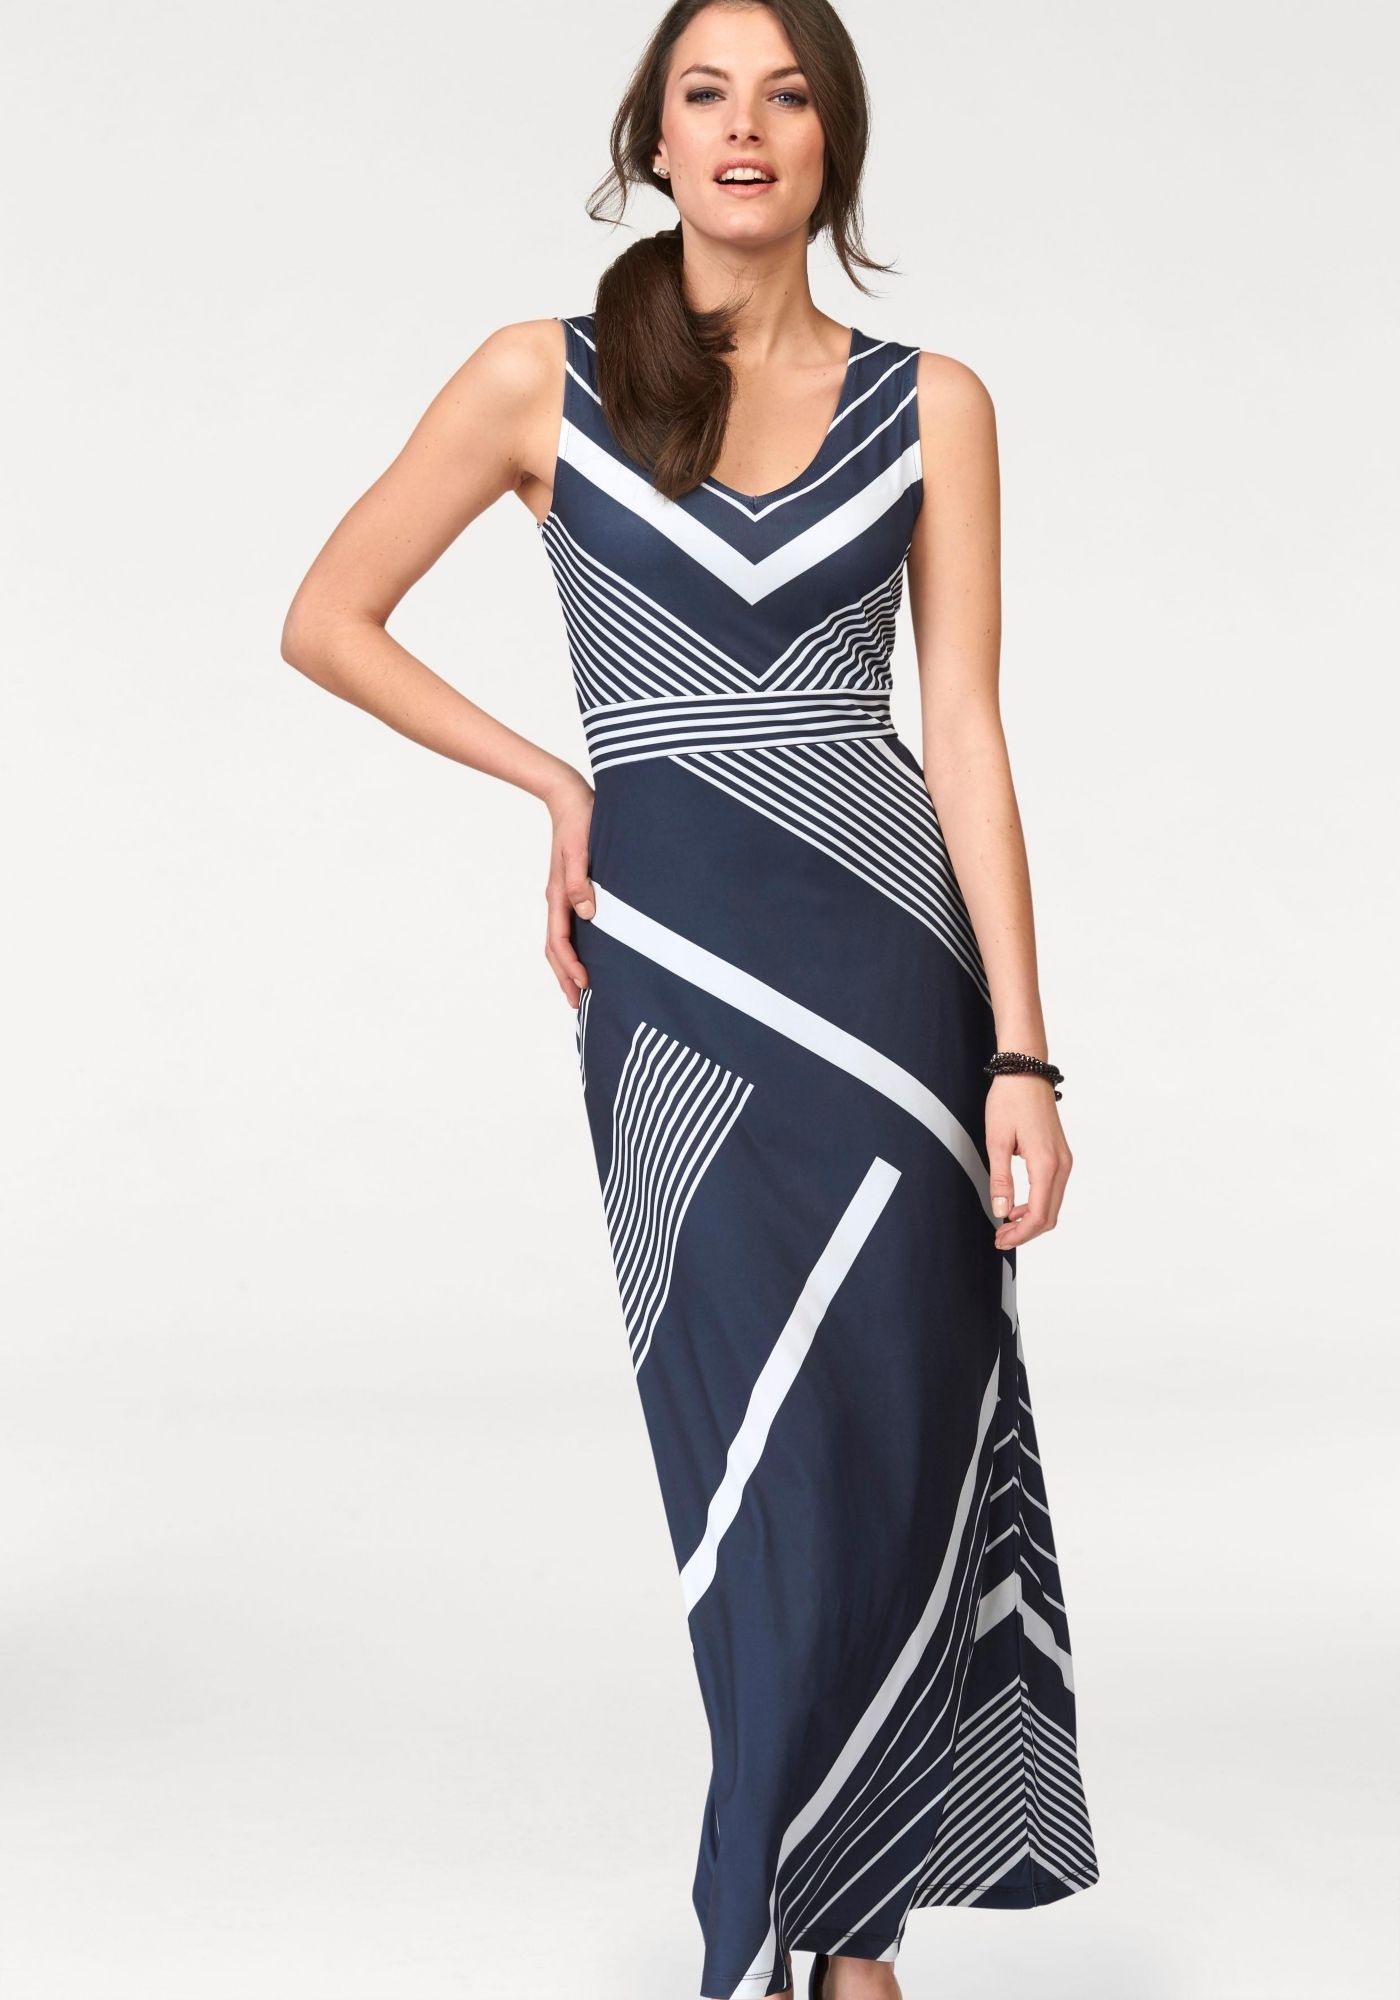 Leicht Kleider Kaufen Boutique17 Genial Kleider Kaufen Spezialgebiet